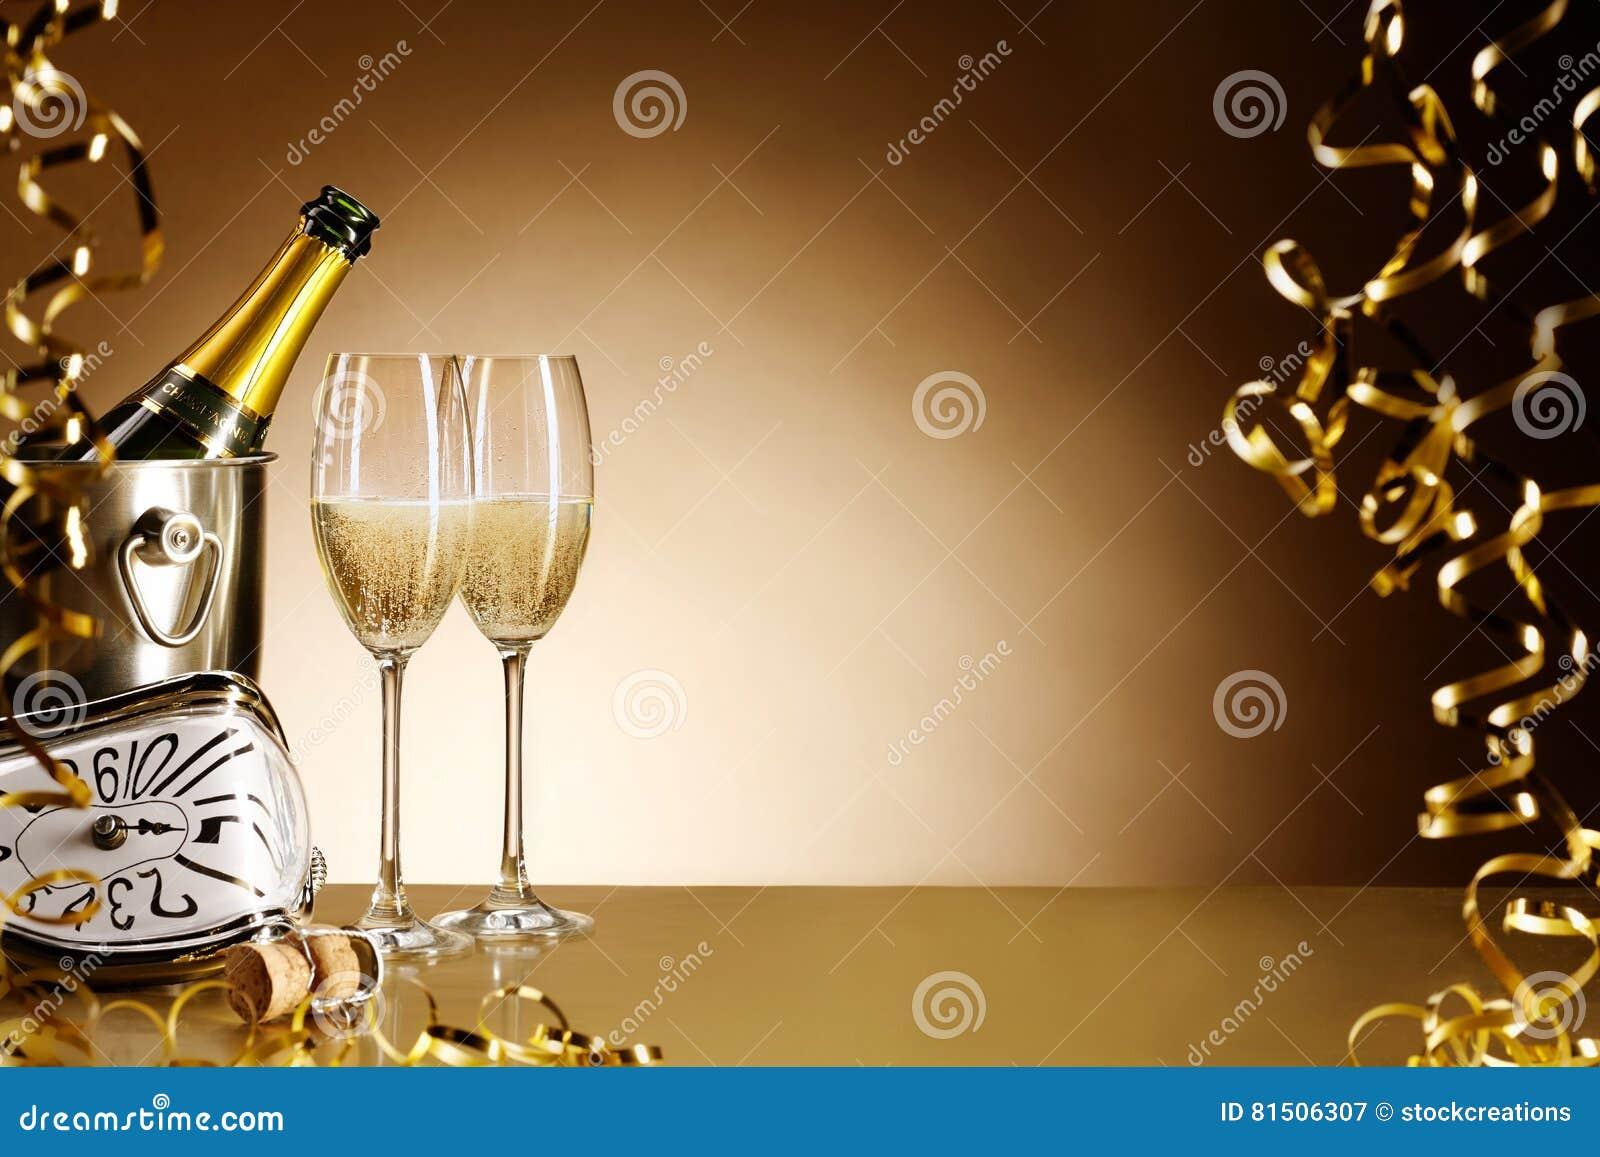 Celebration New Years Eve